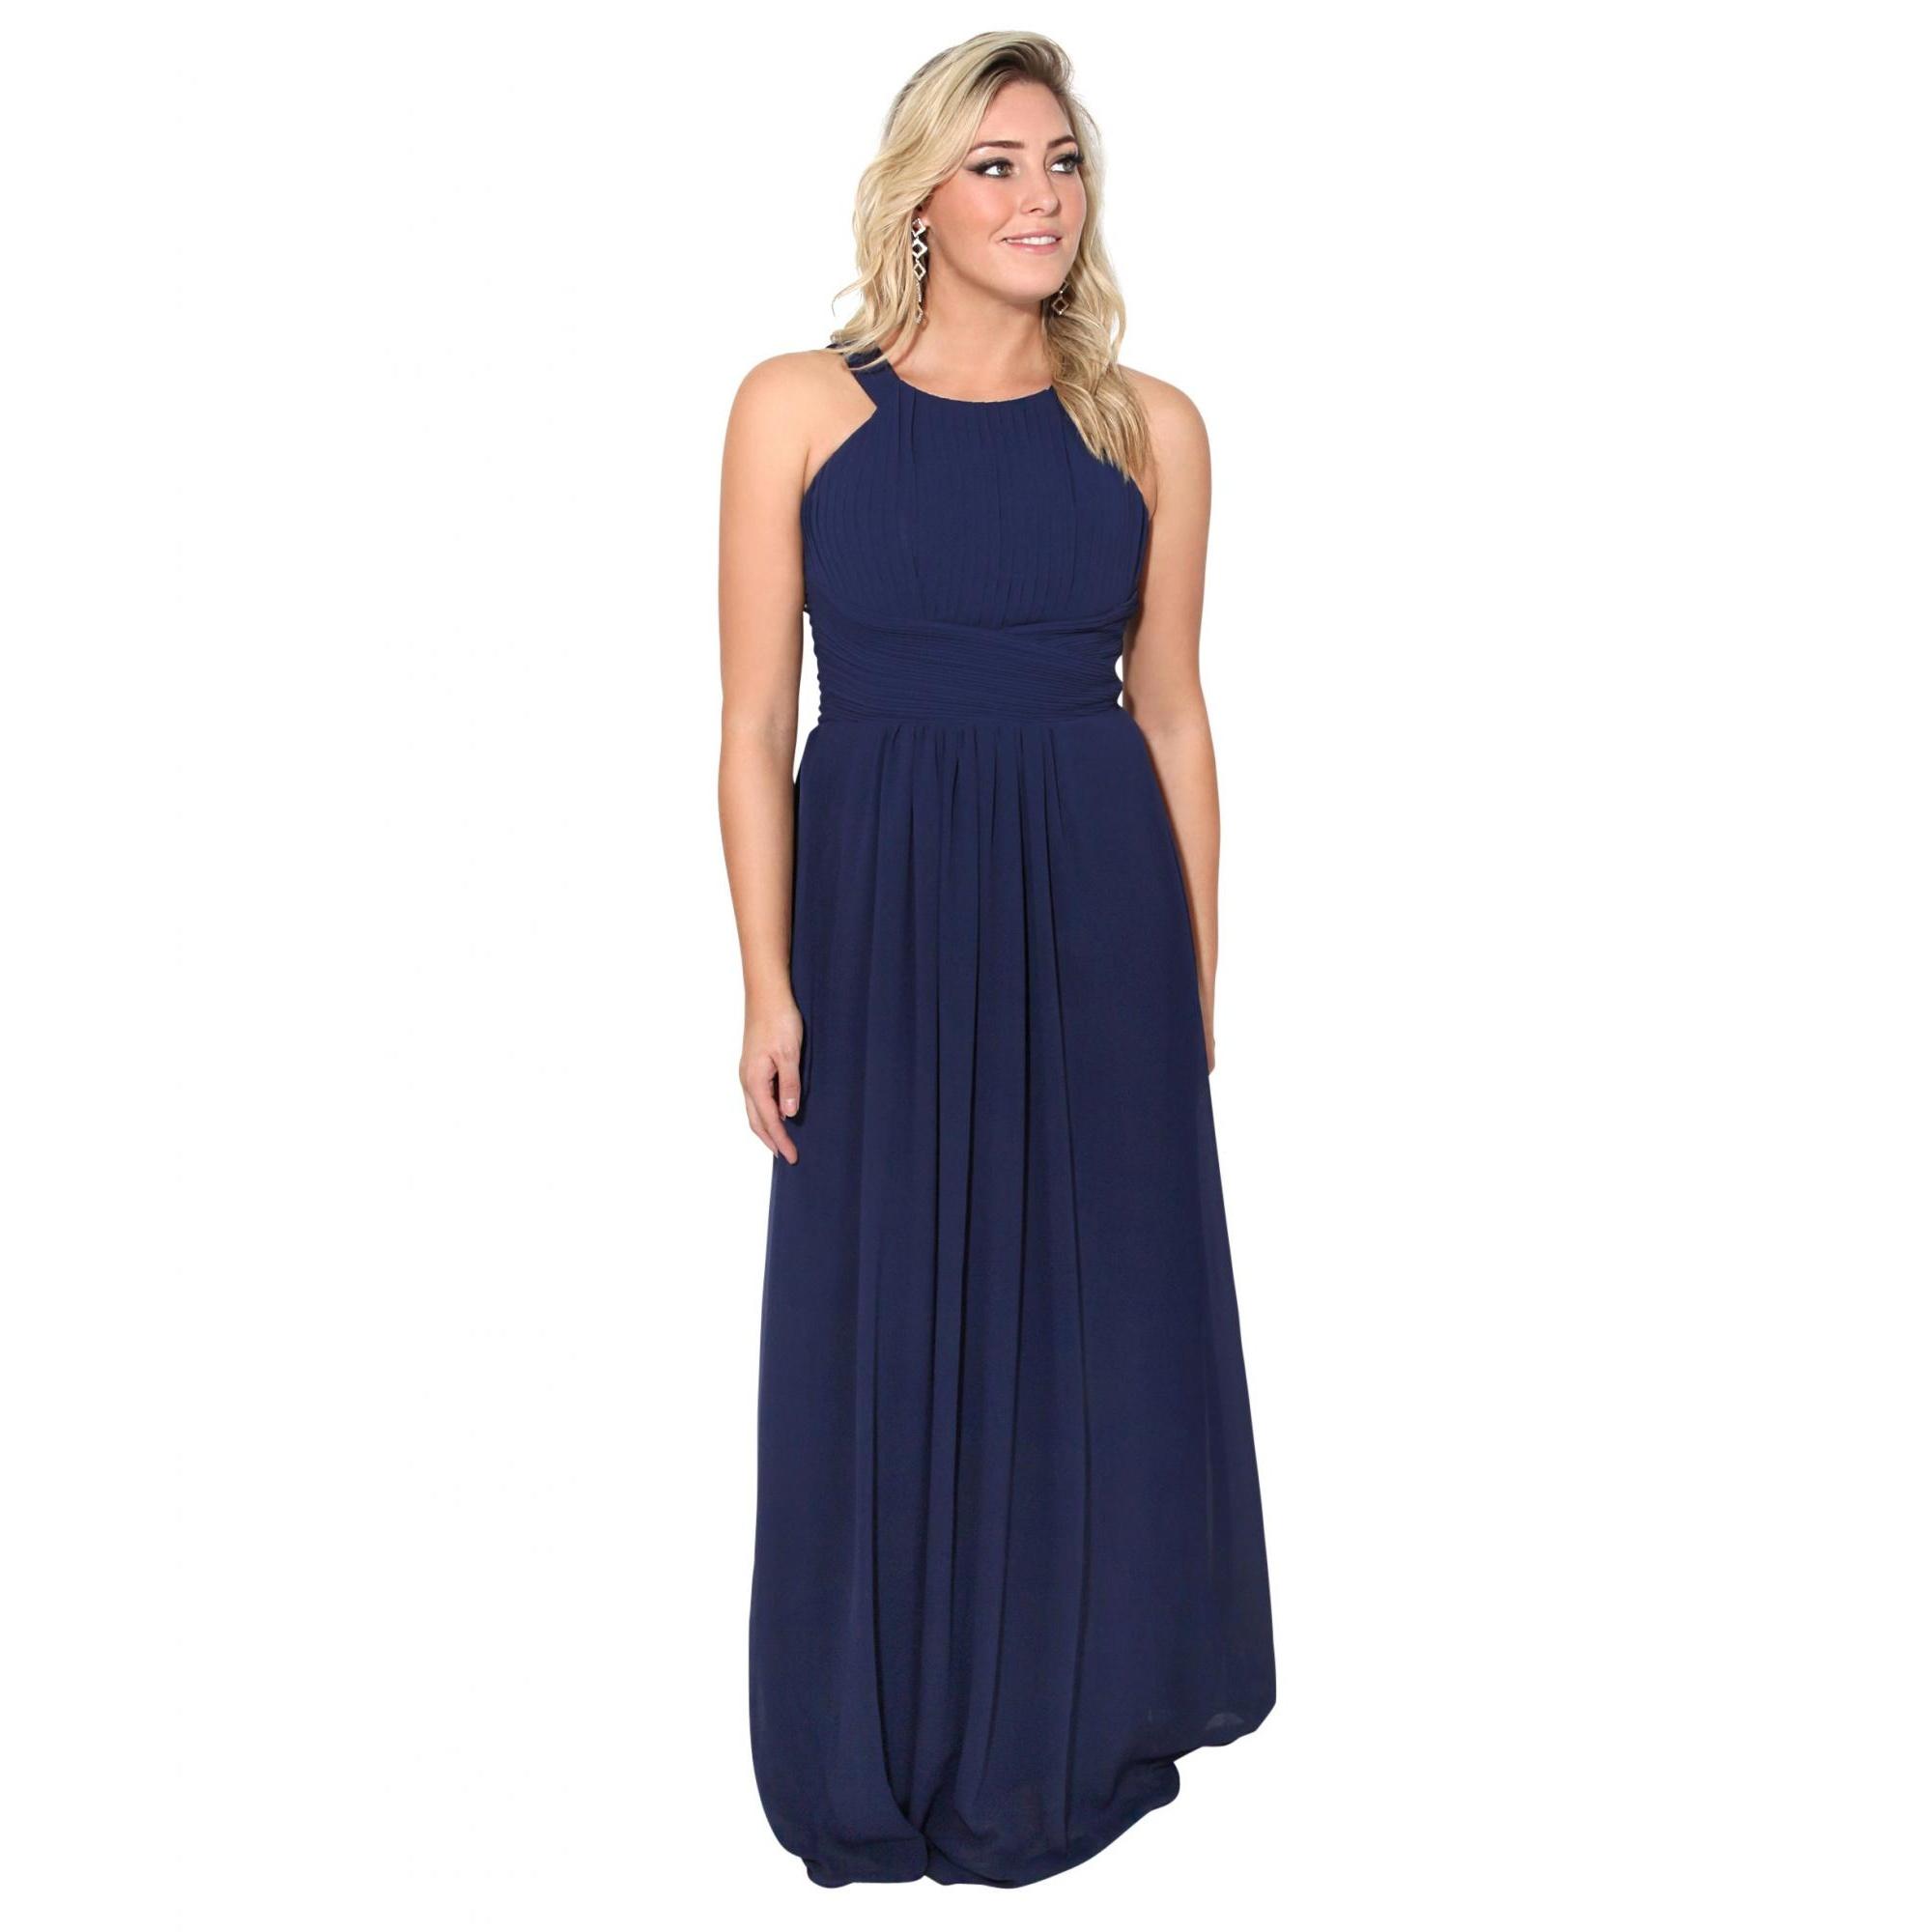 Krisp Womens/Ladies Pleated Front Chiffon Maxi Dress (16 UK) (Blue)